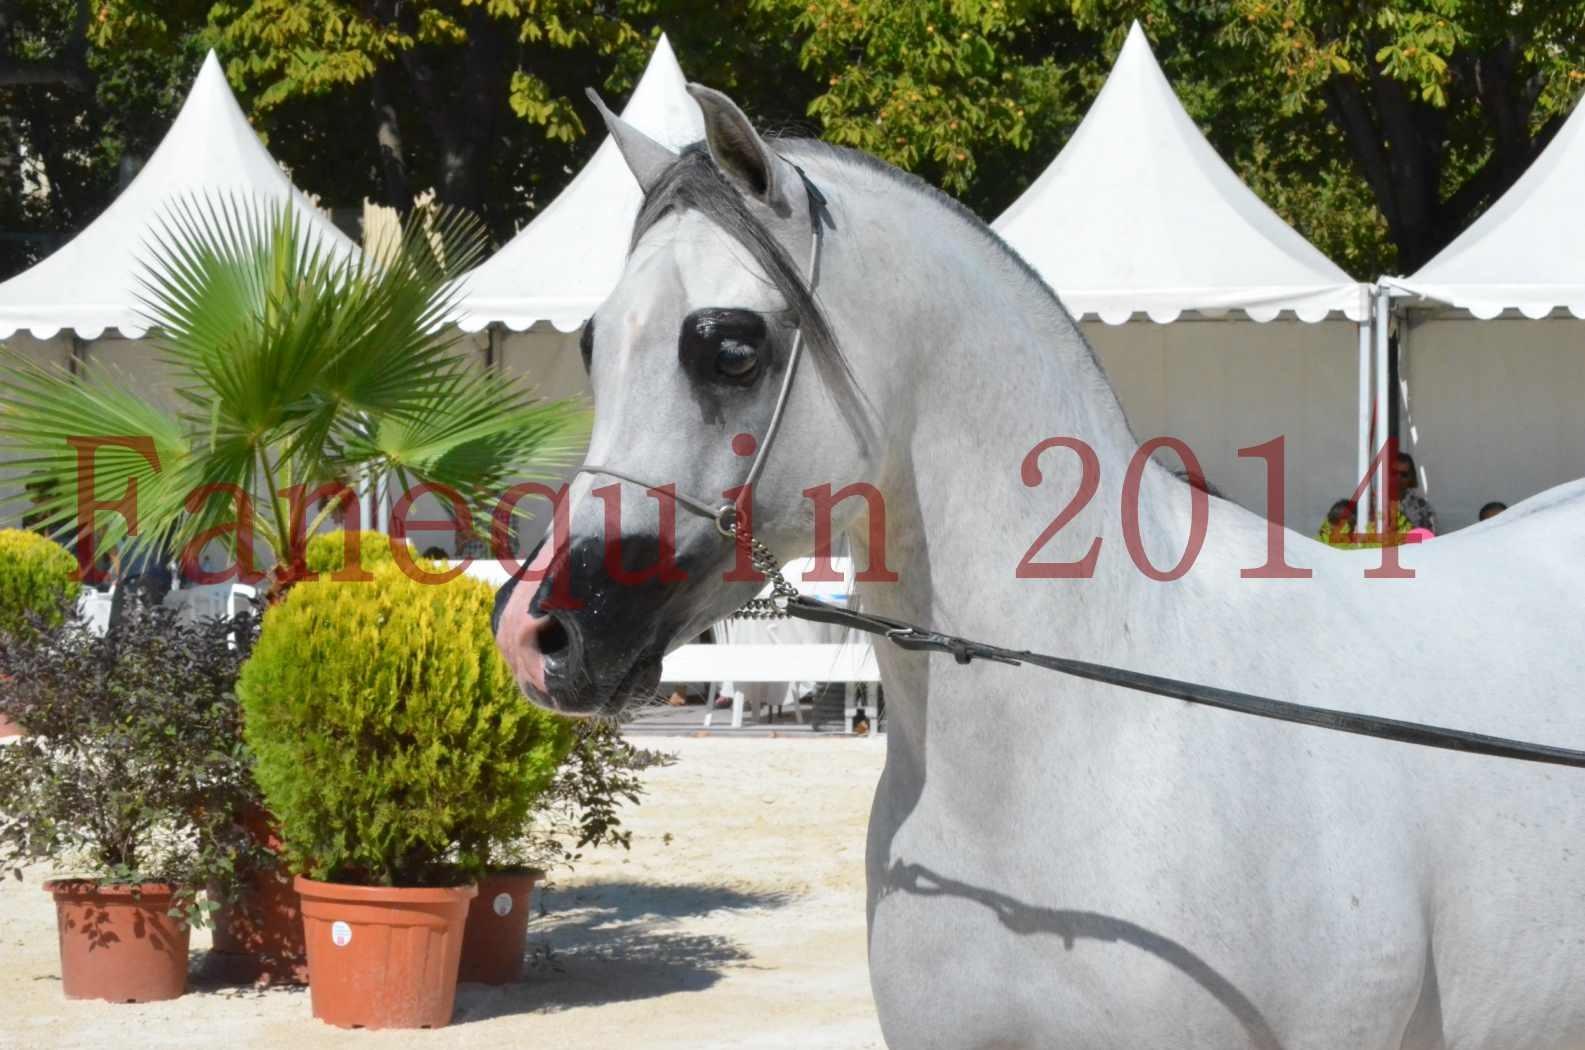 Concours National de Nîmes de chevaux ARABES 2014 - Sélection - SHAOLIN DE NEDJAIA - 16